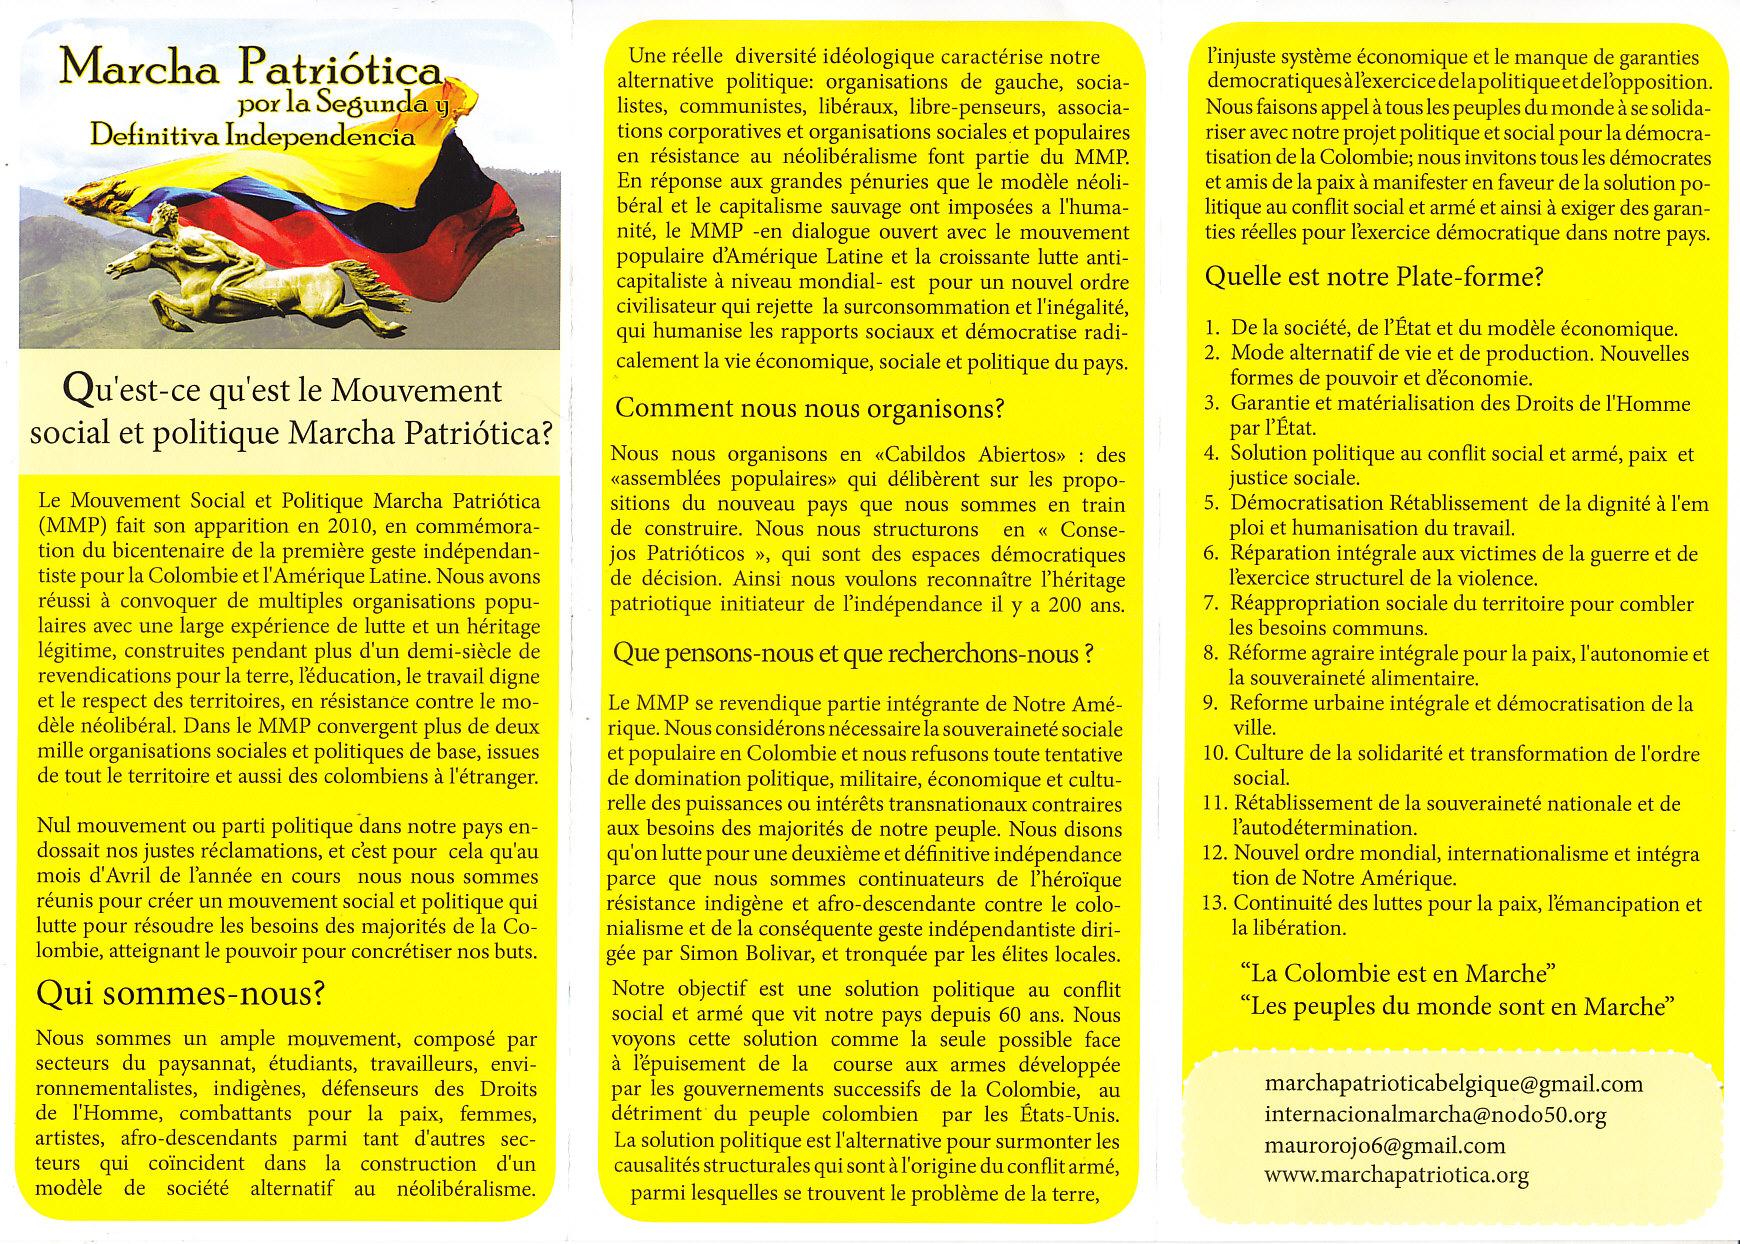 Marcha_Patriotica_Colombia_0002